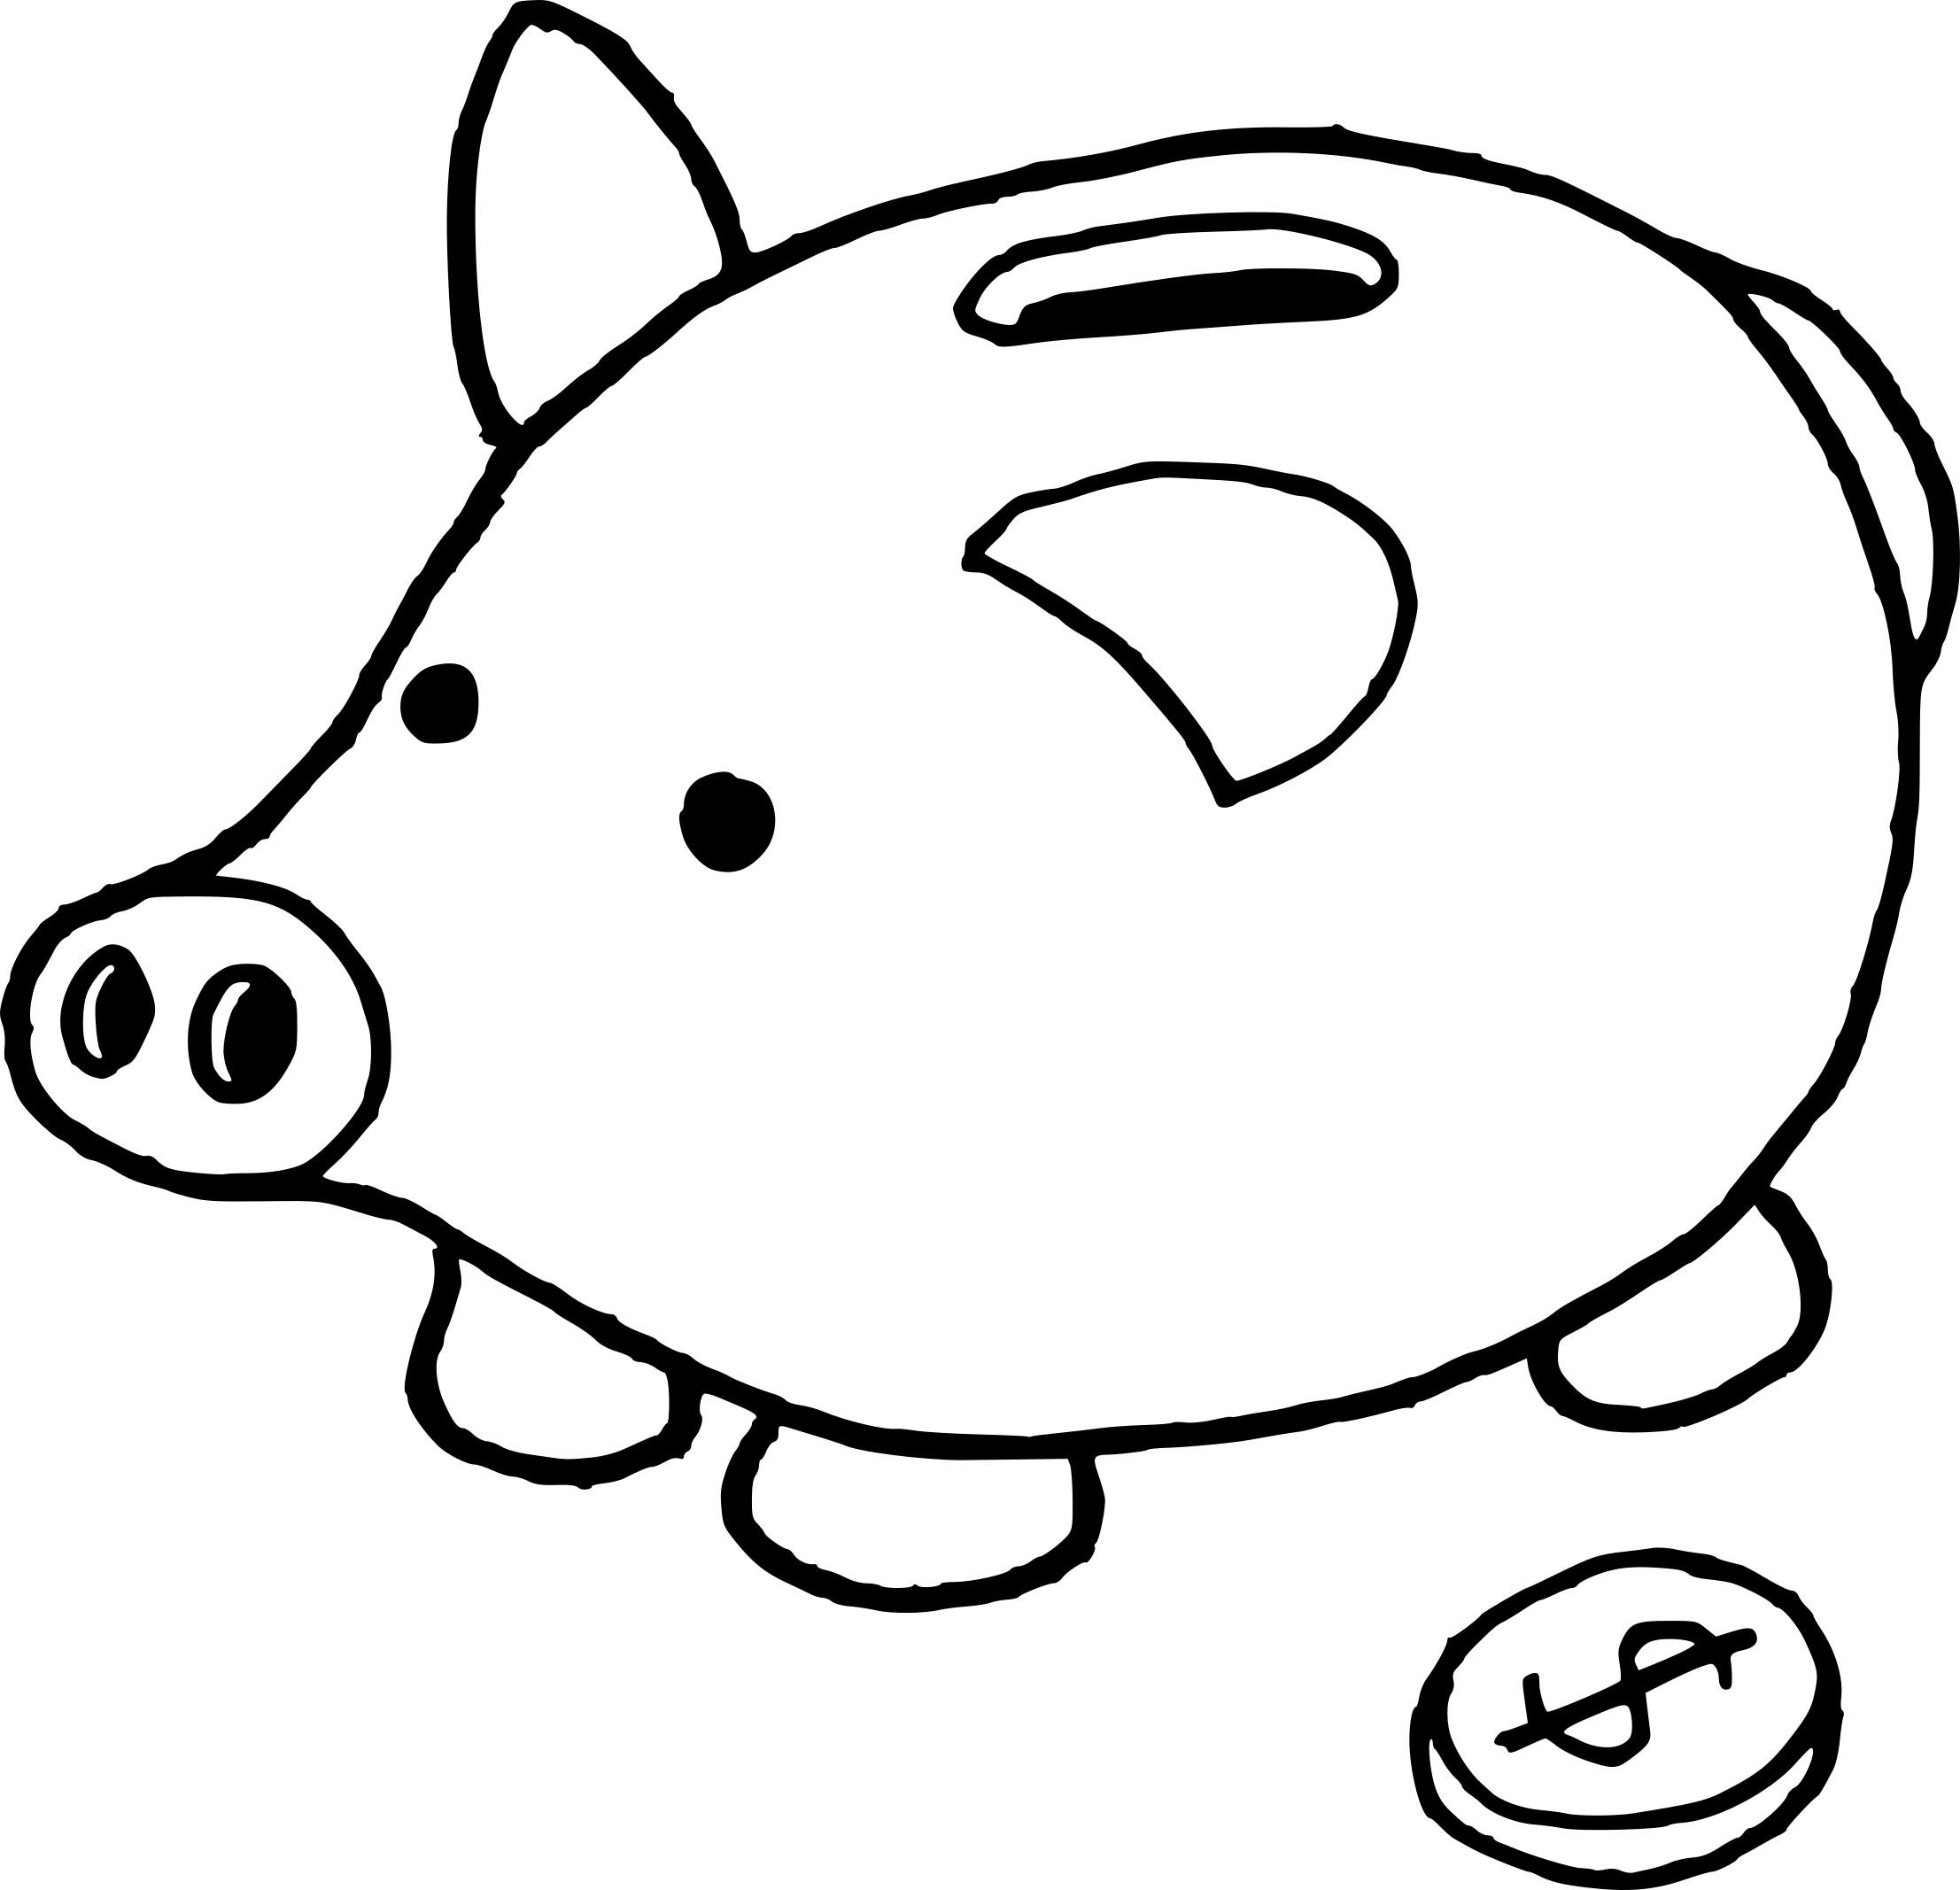 Coloriage Tirelire Dessin À Imprimer Sur Coloriages dedans Dessin A Colorier Cochon